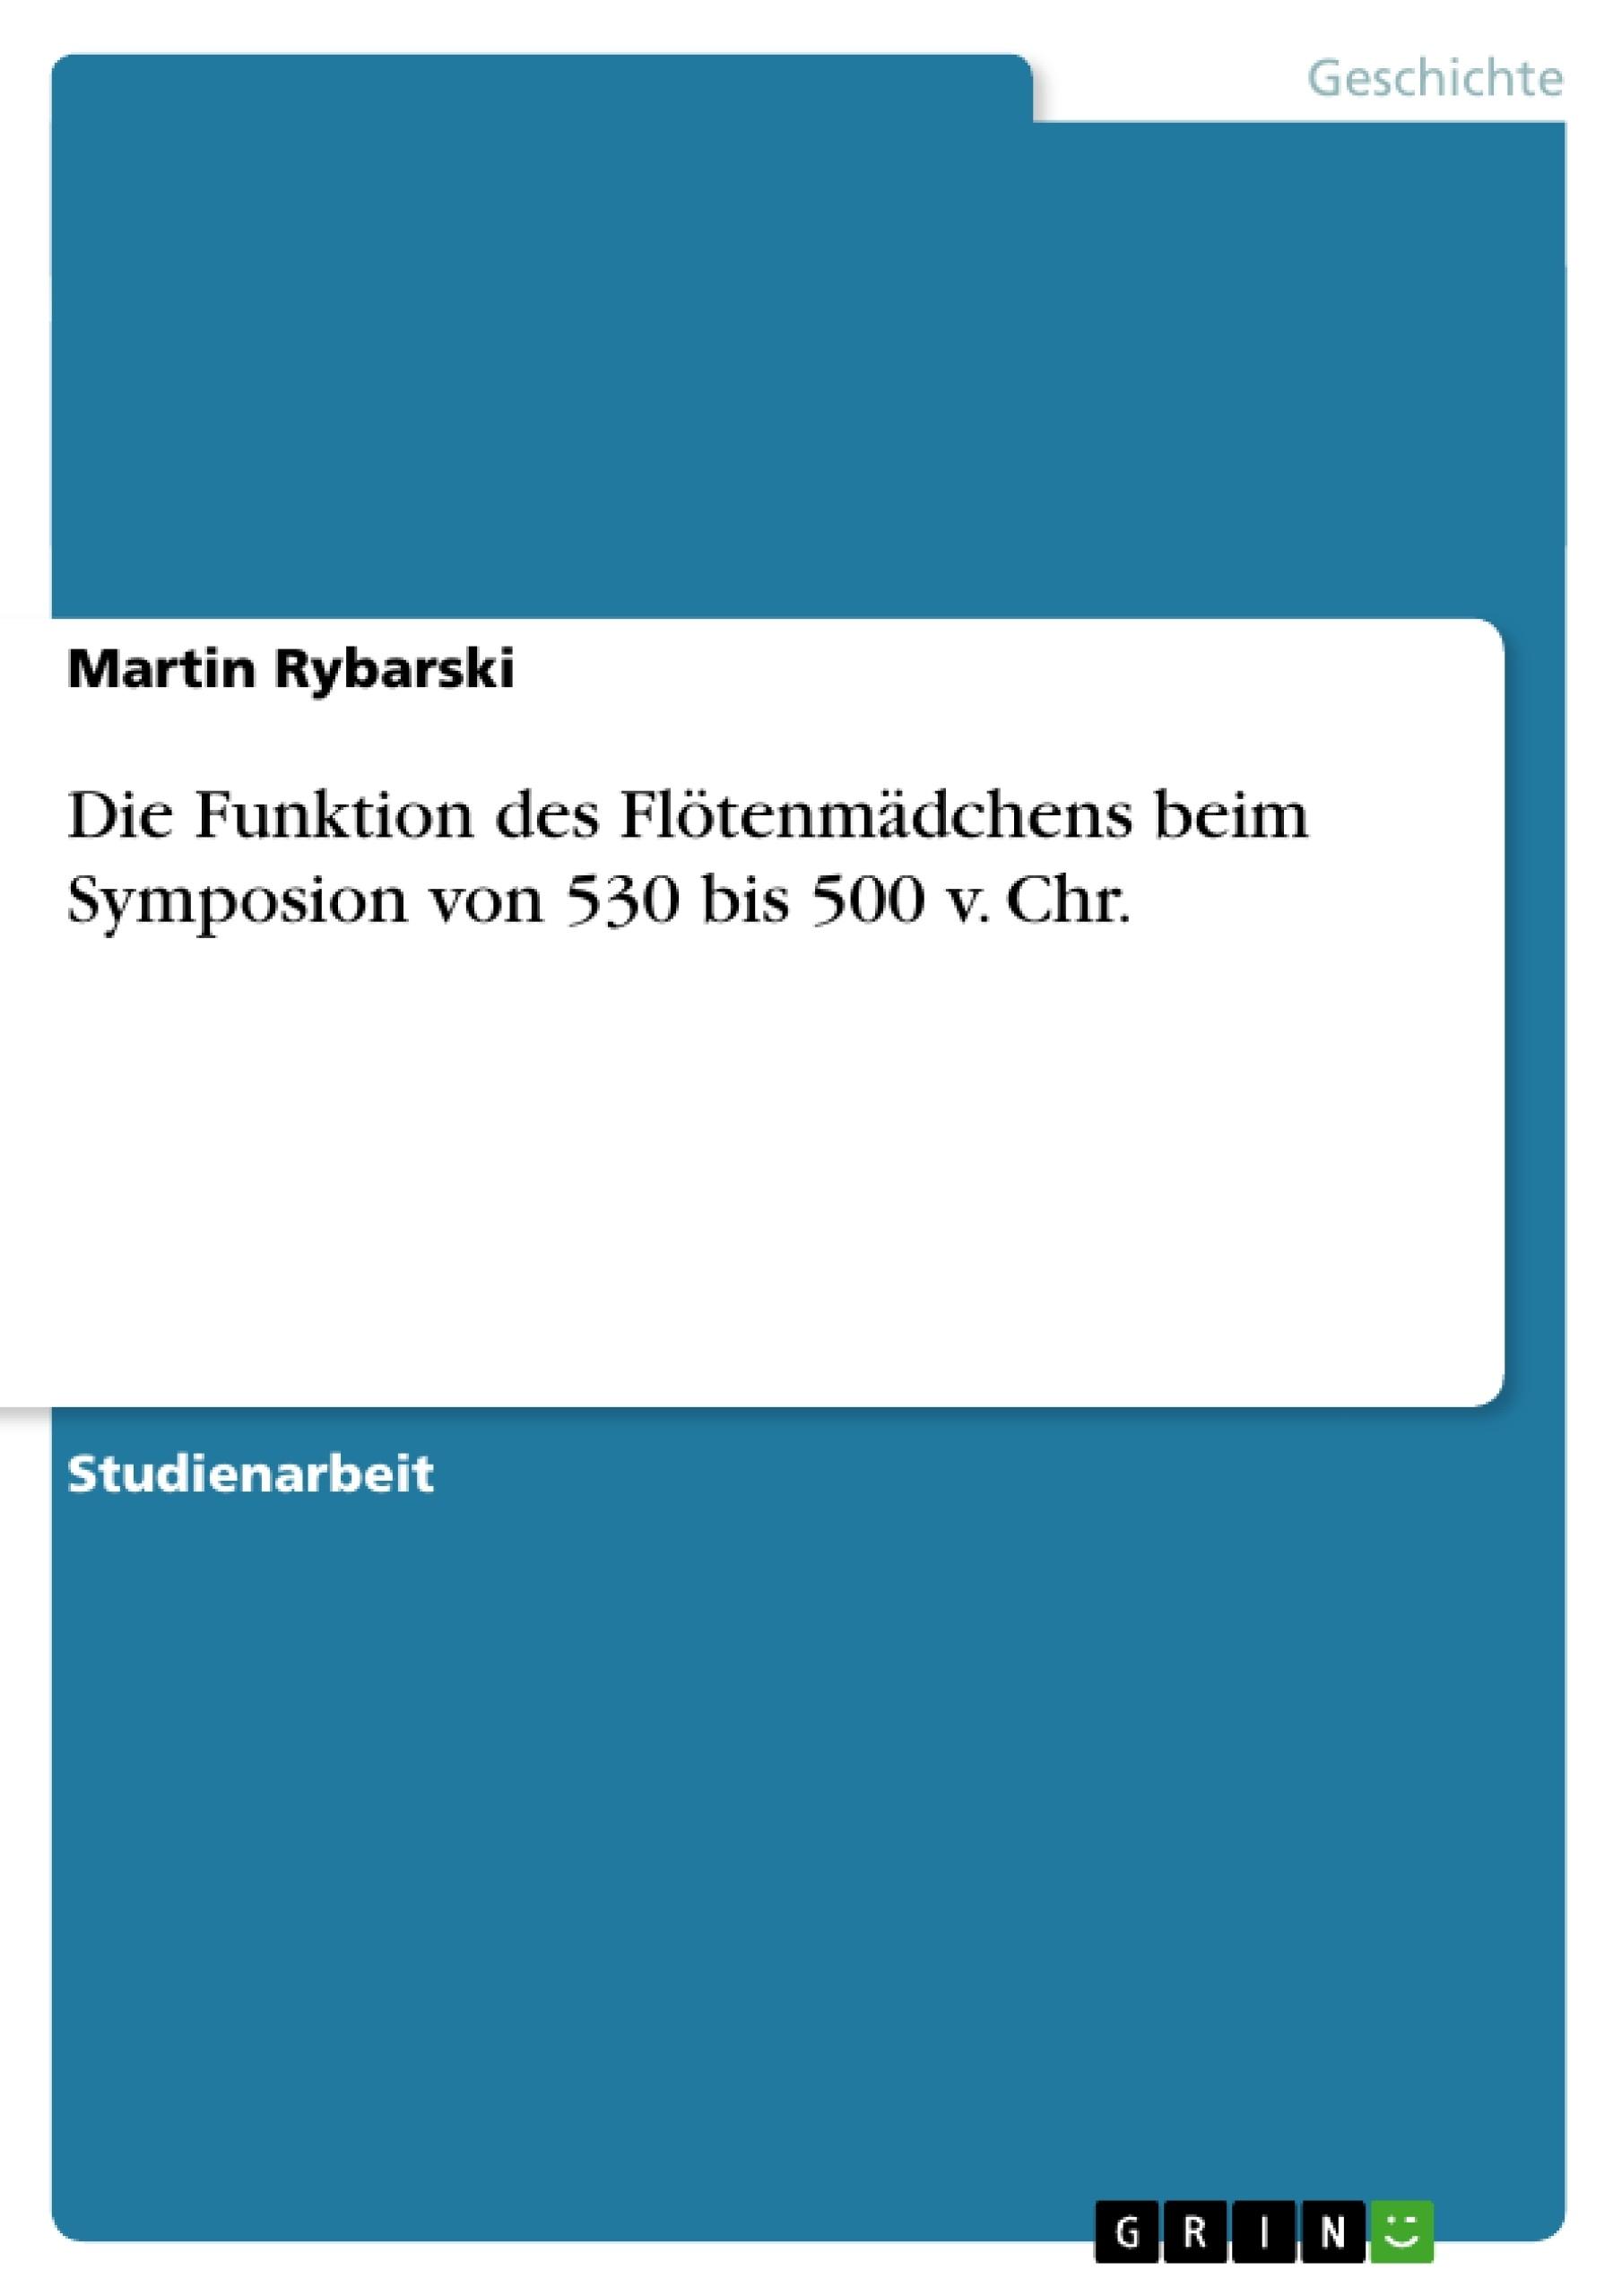 Titel: Die Funktion des Flötenmädchens beim Symposion von 530 bis 500 v. Chr.